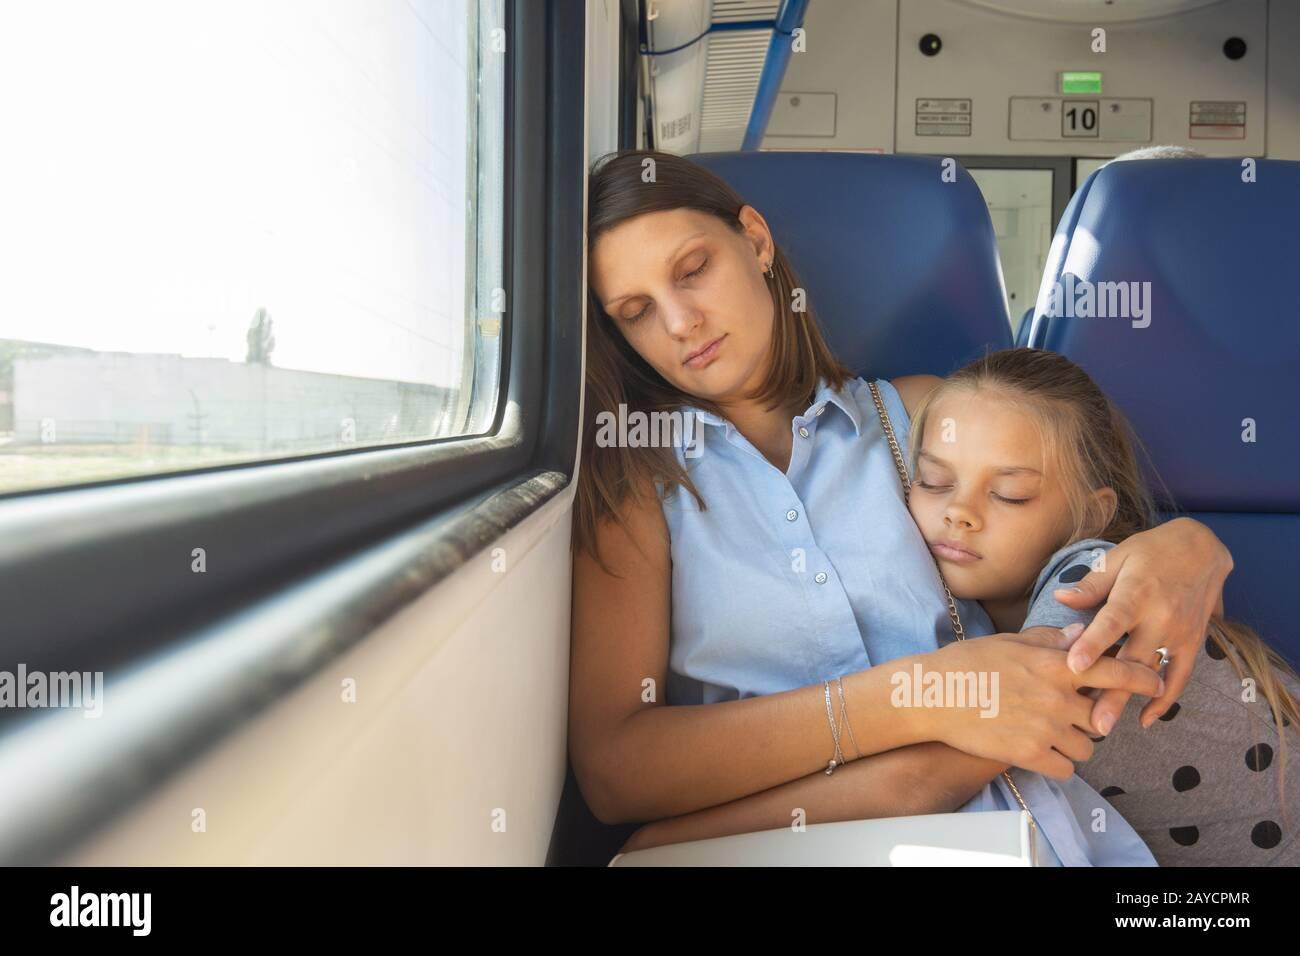 Madre E Hija Abrazando A Dormir En Un Vagón De Tren Fotografía De Stock Alamy